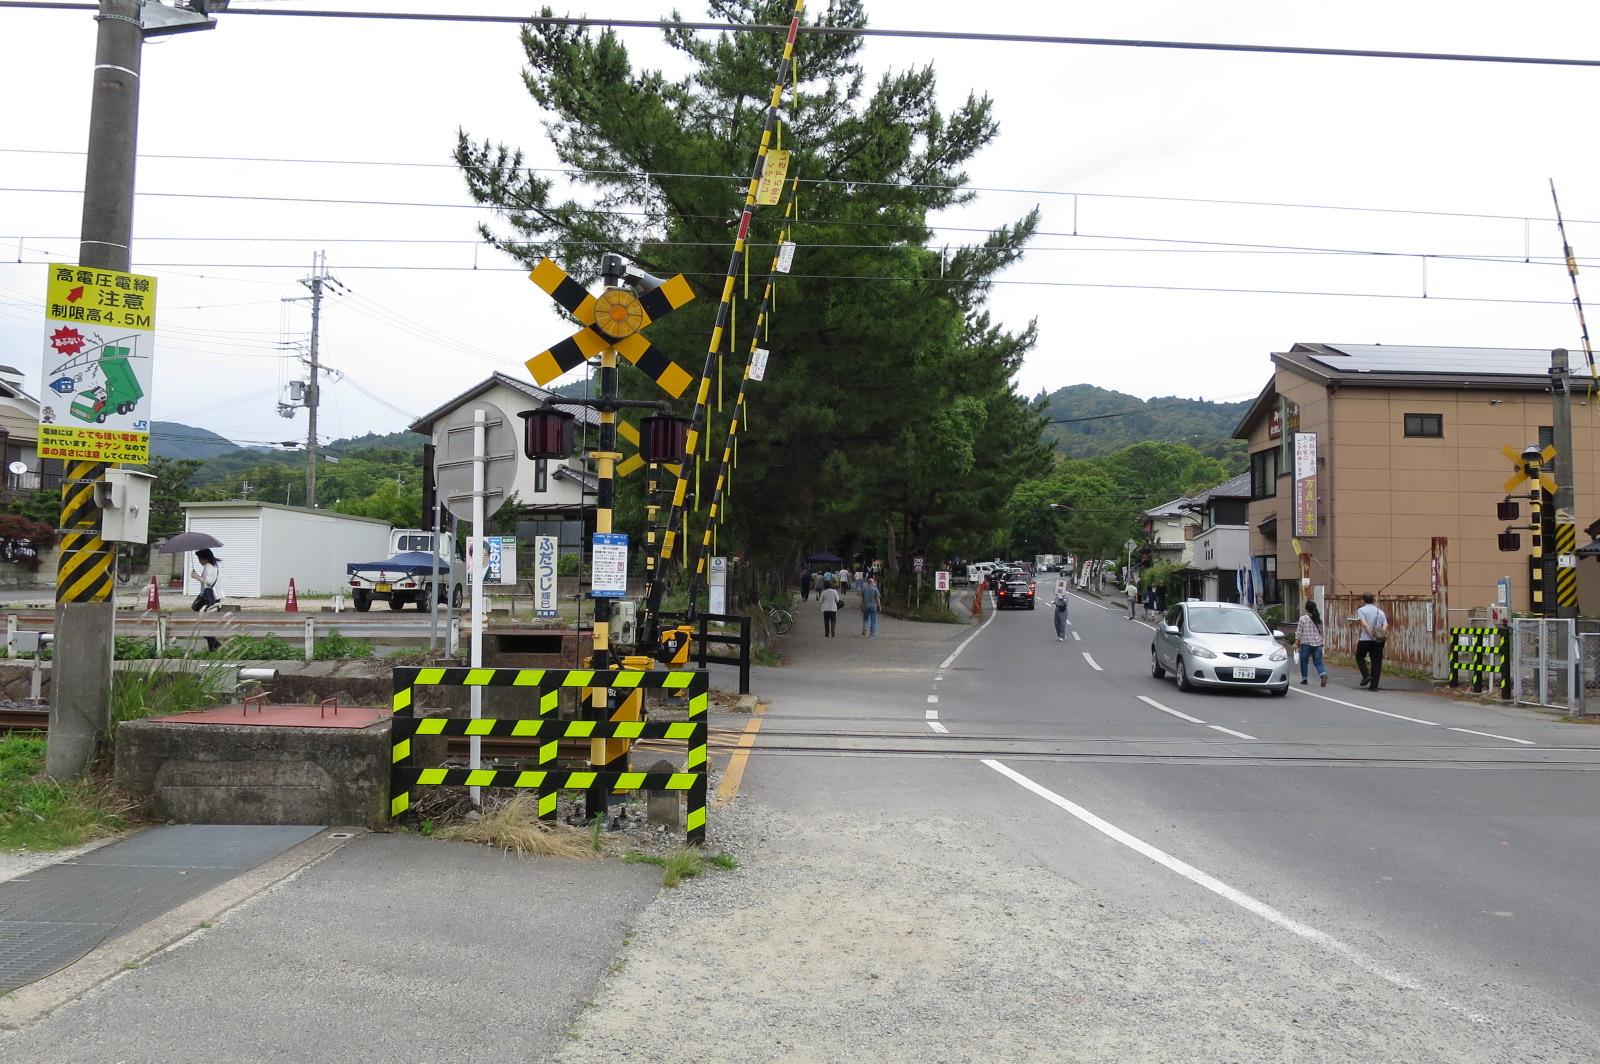 桜井線三輪駅のすぐ近くにある踏切。1時間に1~2本なので、ほとんど待たずに渡れます。